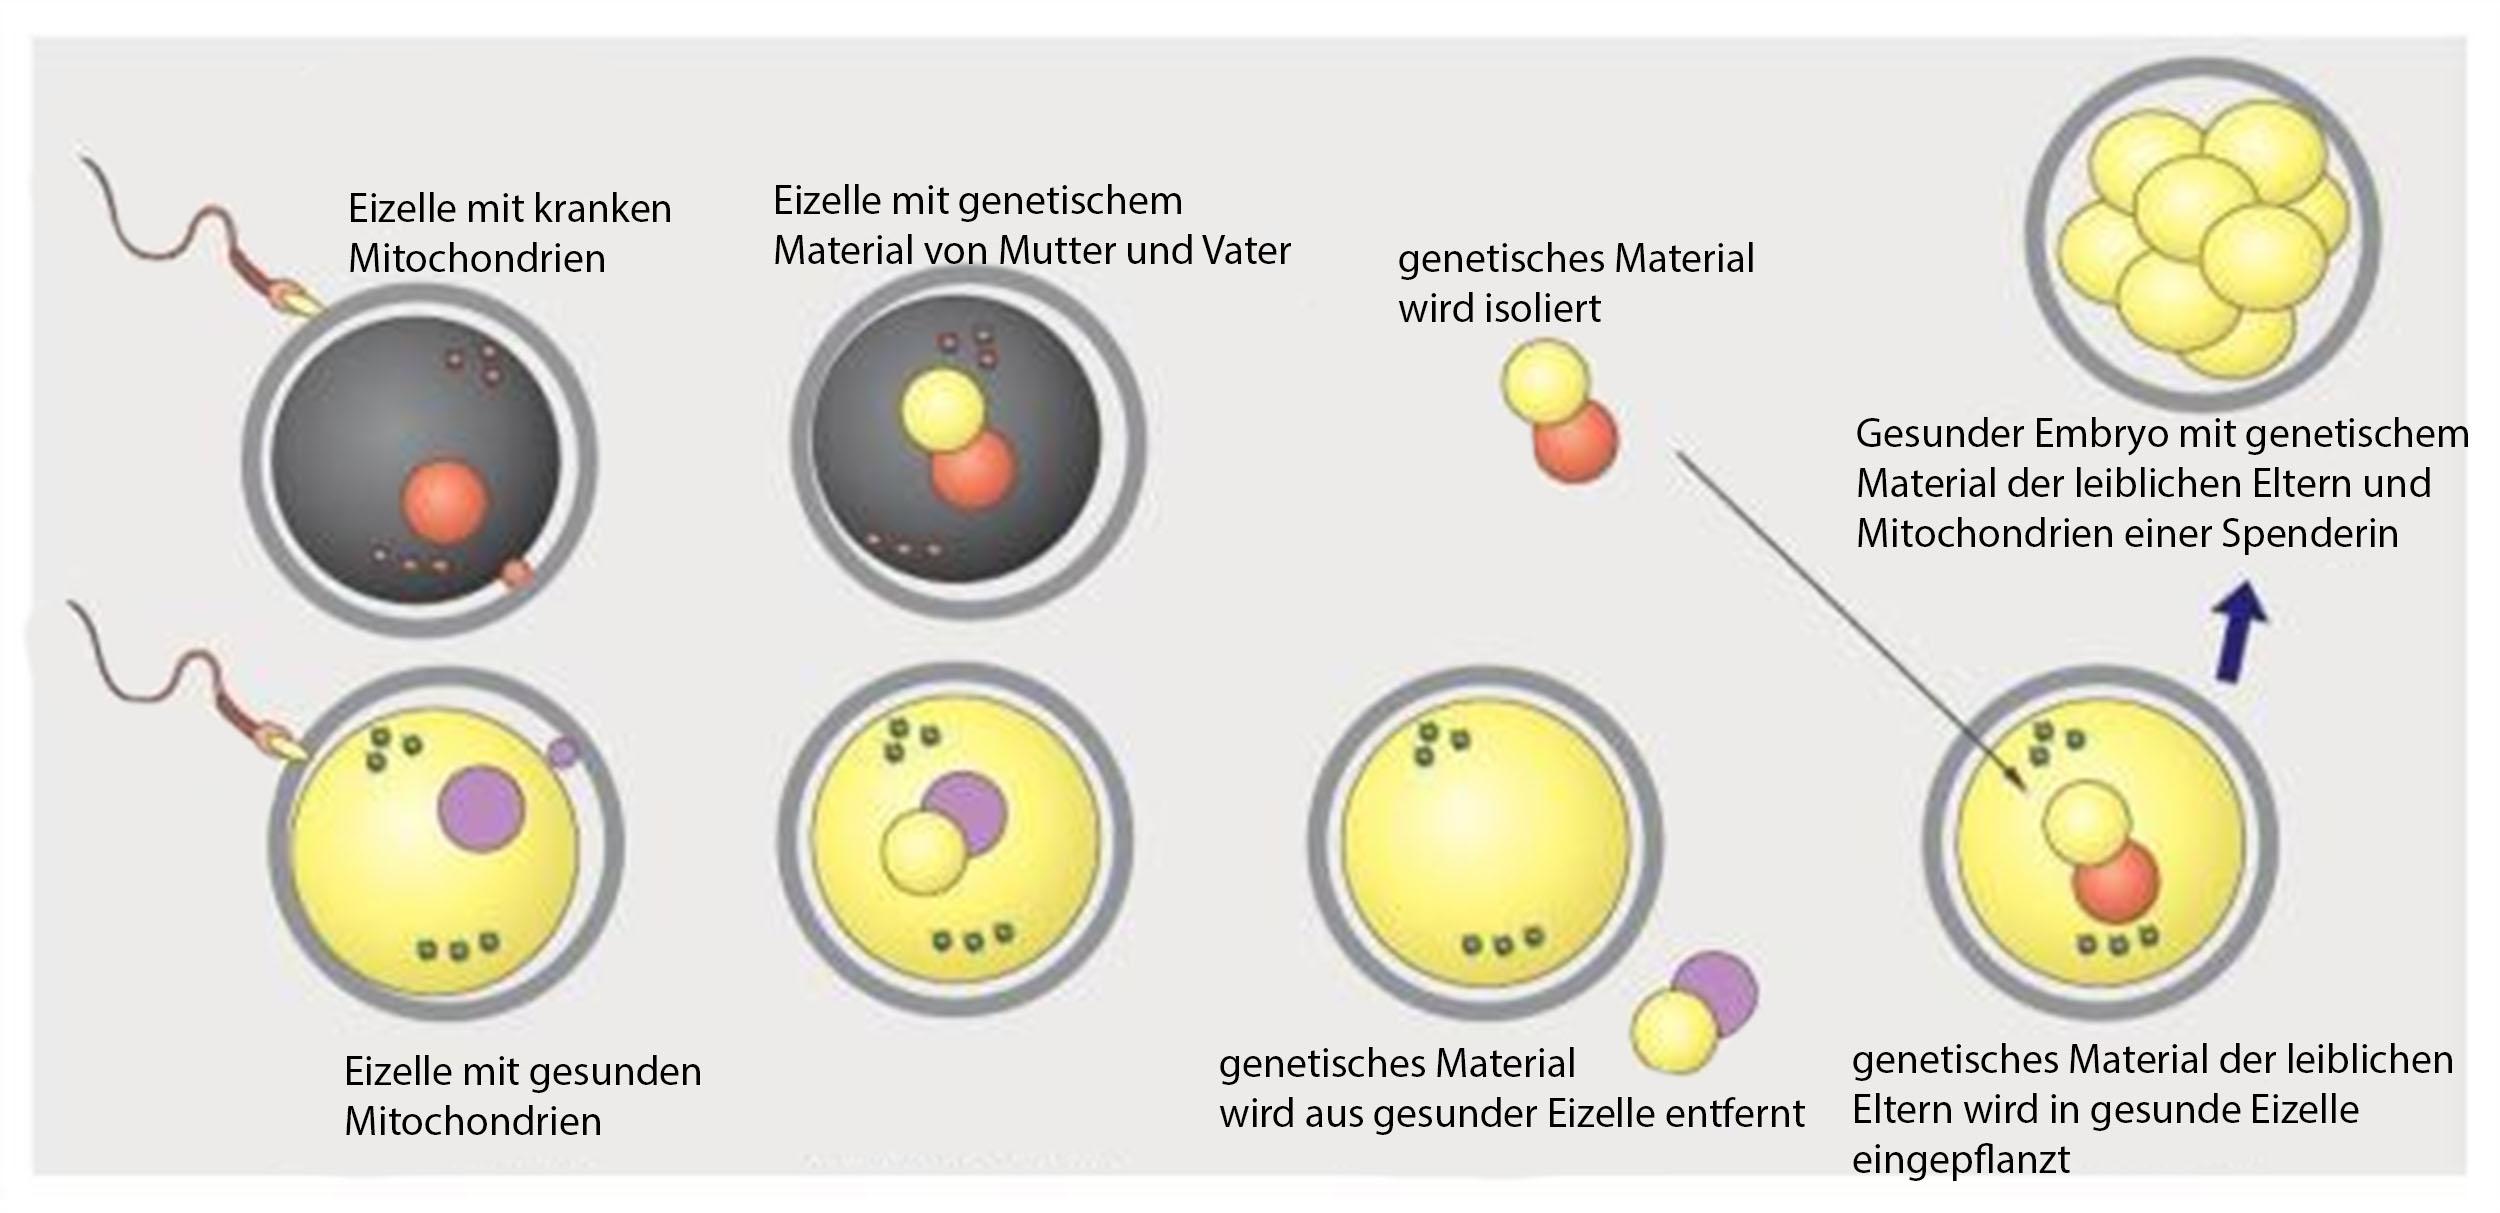 Das genetische Material aus der befruchteten Eizele der leiblichen Mutter wird in die entkernte, befruchtete Eizelle der Mitochondrien-Spenderin übertragen. (aus: Paula Amato et al., Fertil Steril 2014)